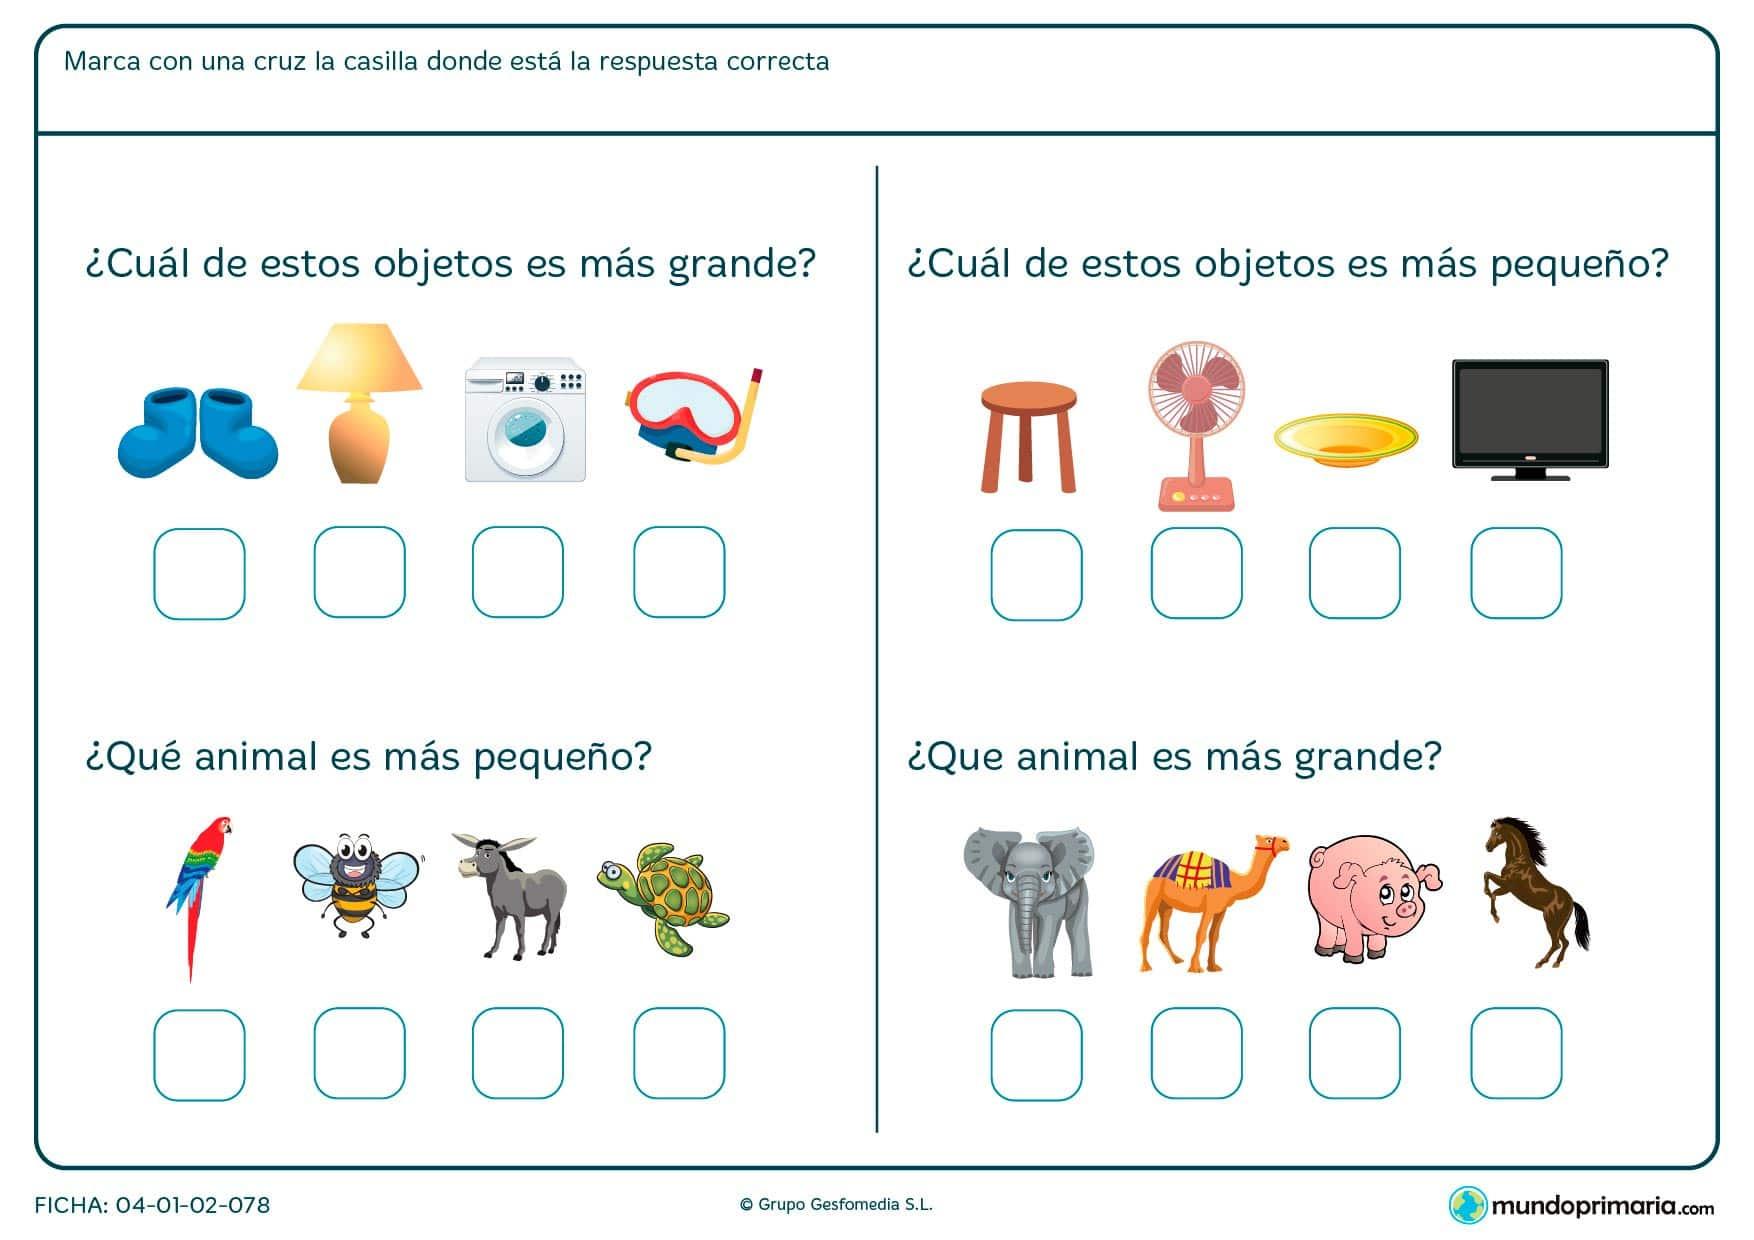 Ficha de tamaño en la que has de marcar el objeto o animal más grande o más pequeño.